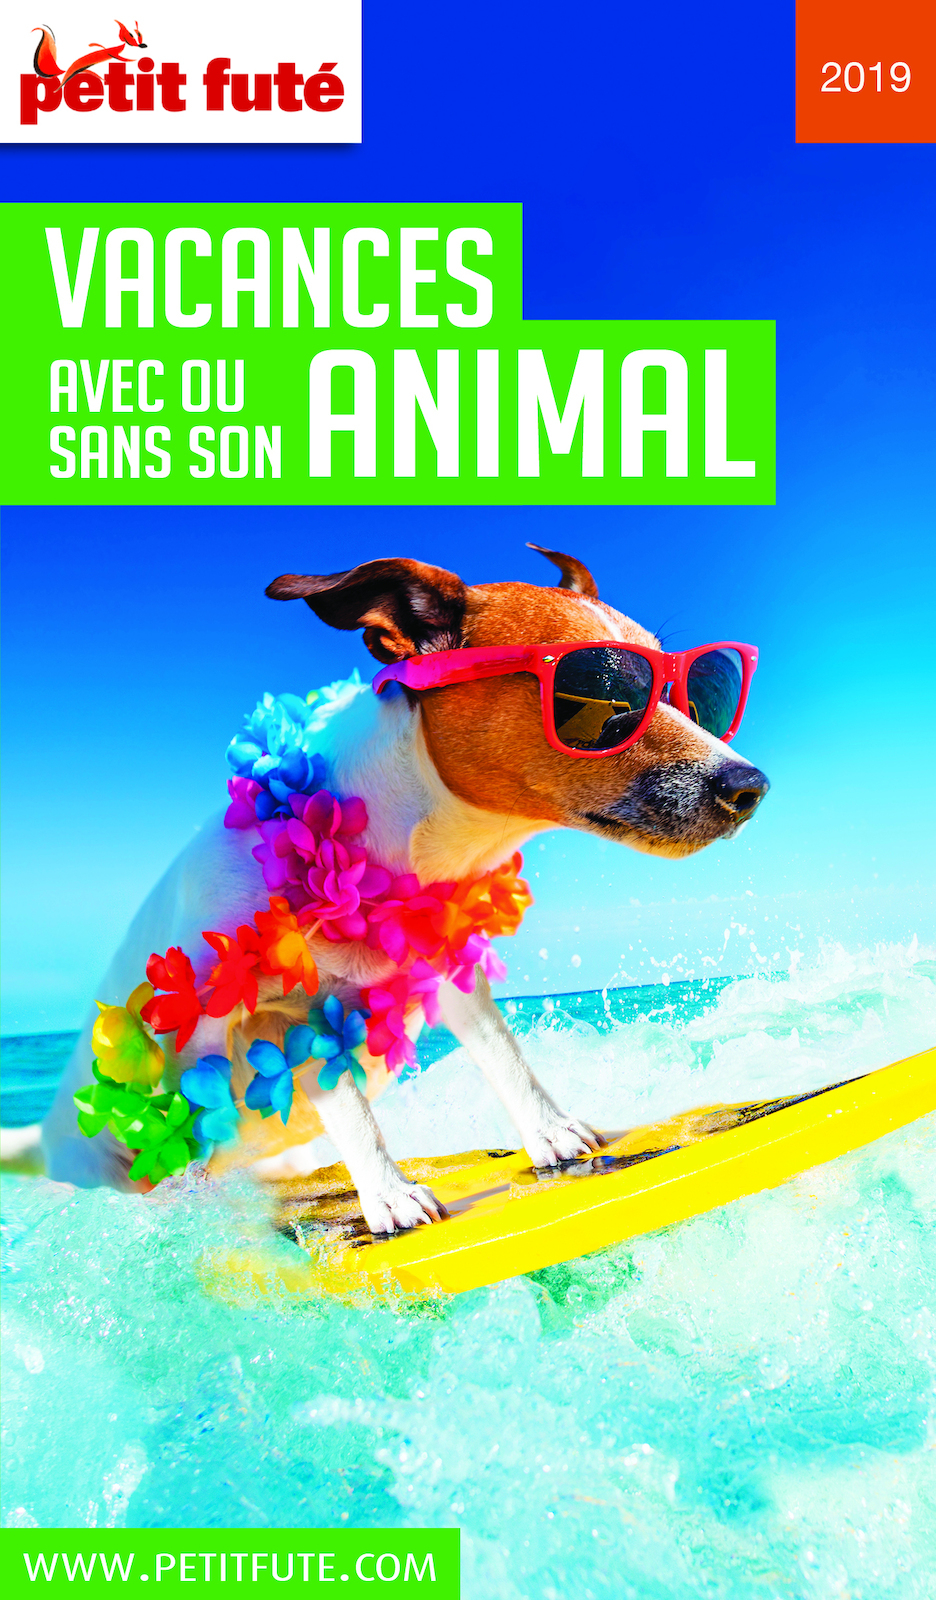 VACANCES AVEC OU SANS SON ANIMAL 2019 Petit Futé